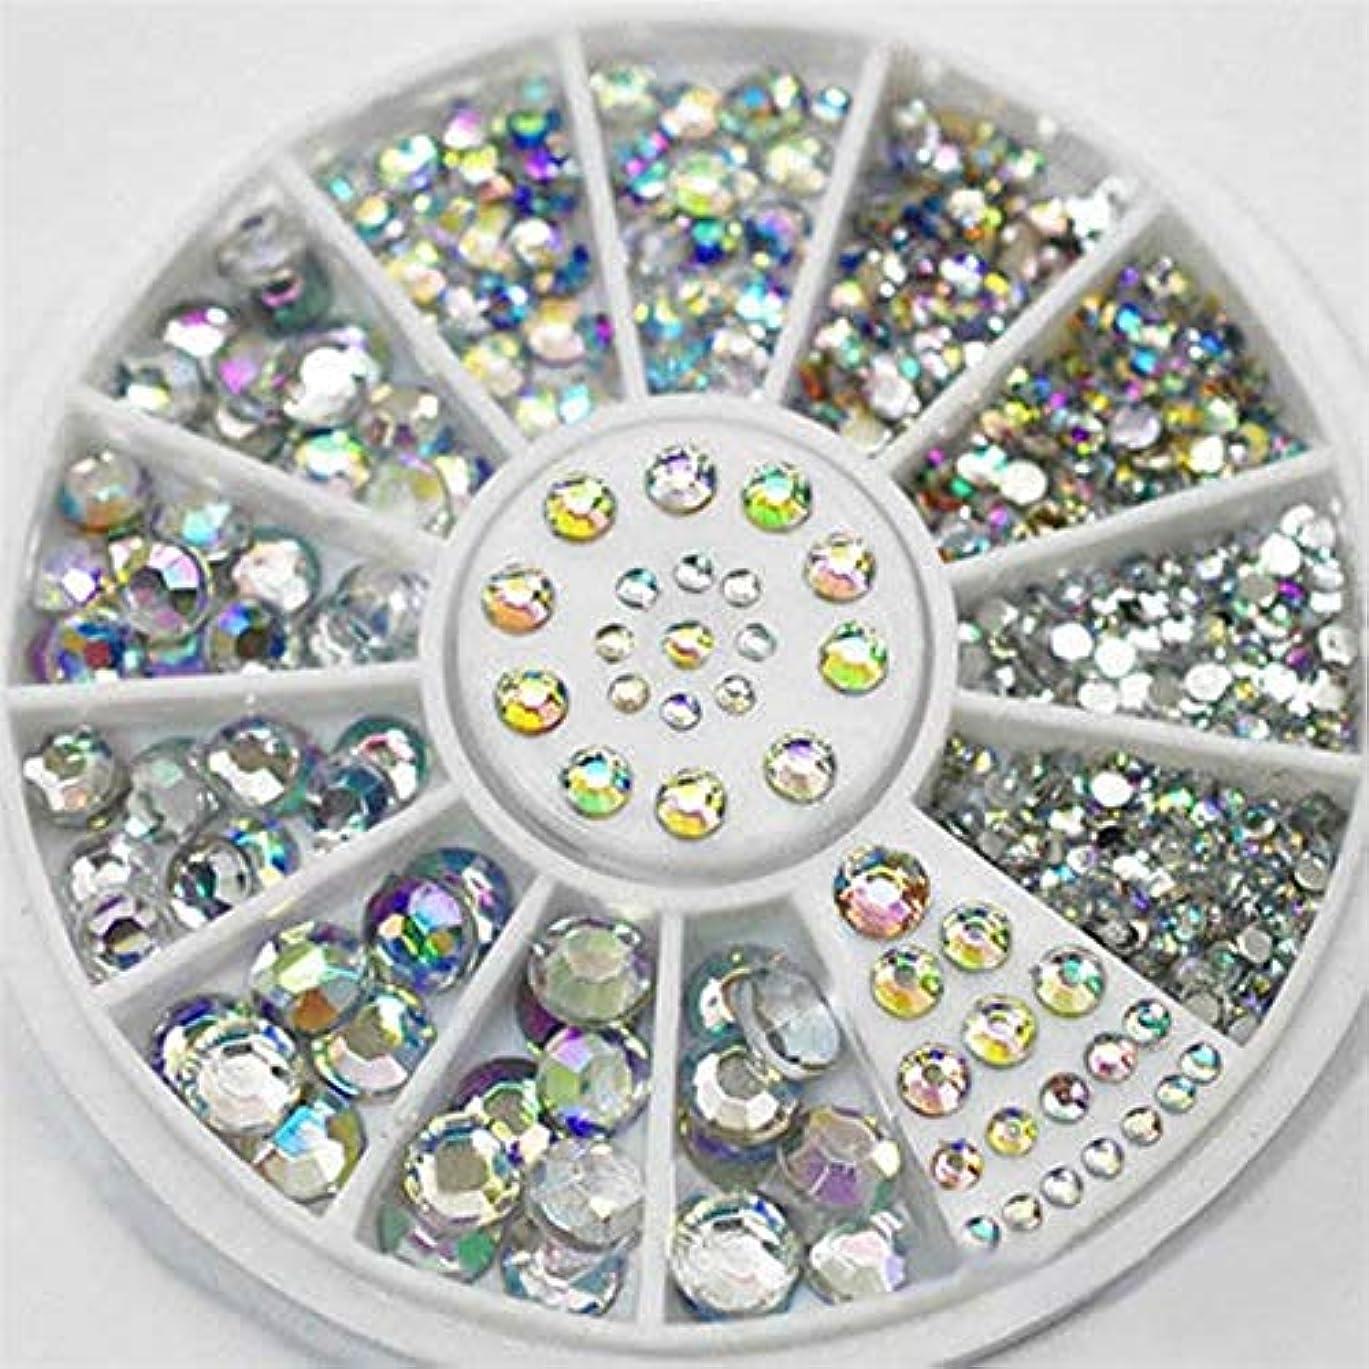 ベーリング海峡軍団ドールYan 5ピースdiyカラーアクリルダイヤモンドネイルアートホイールのヒントクリスタルグリッターラインストーン3dネイルアートの装飾